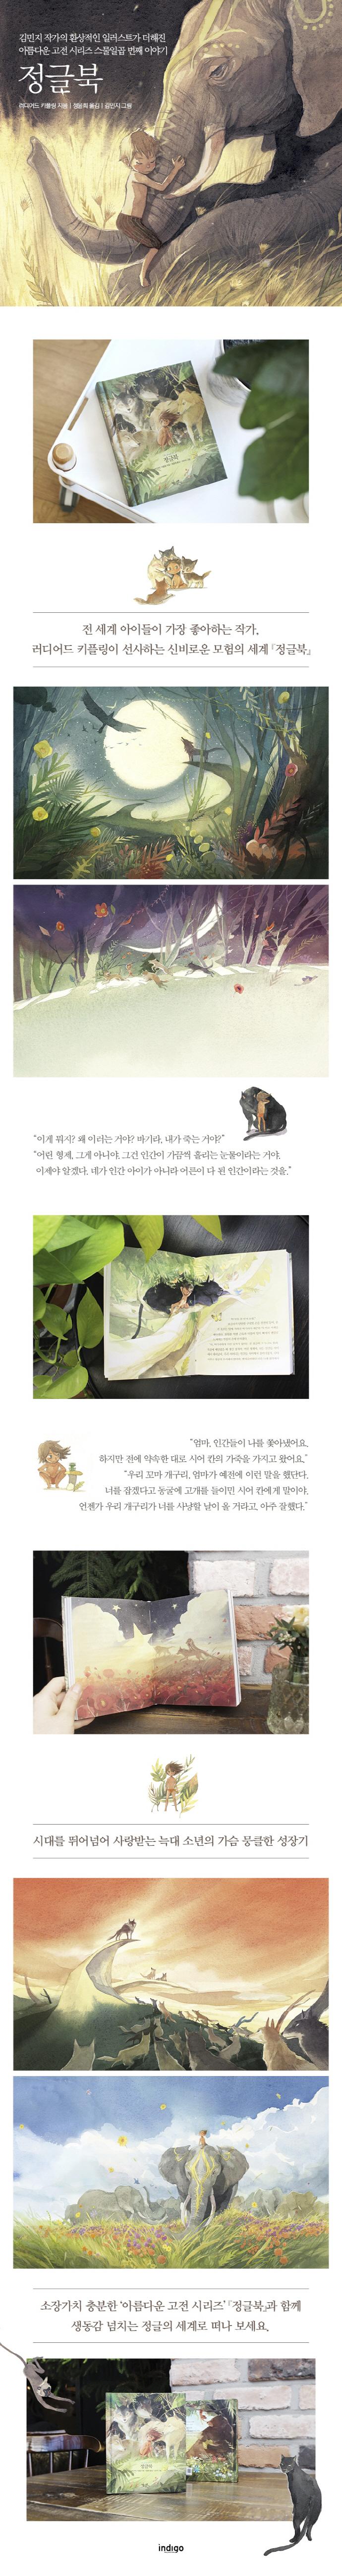 정글북(아름다운 고전 시리즈 27)(양장본 HardCover) 도서 상세이미지